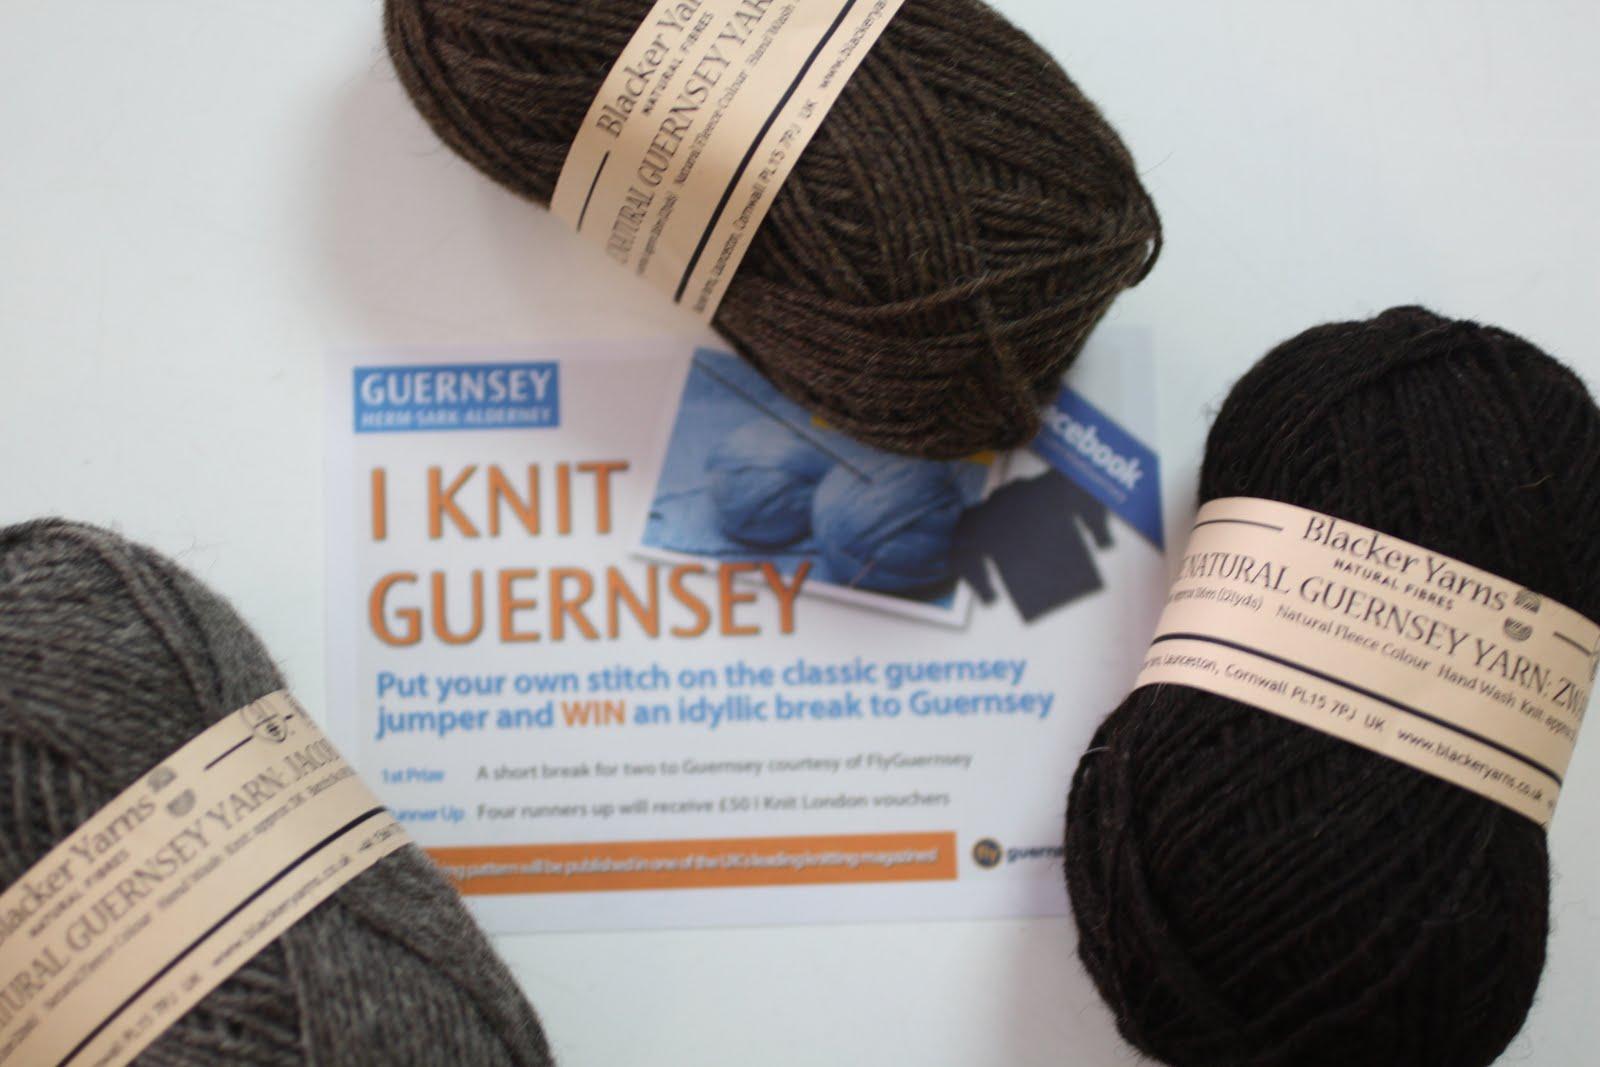 Knitting Events London : I knit london guernsey finalists chosen